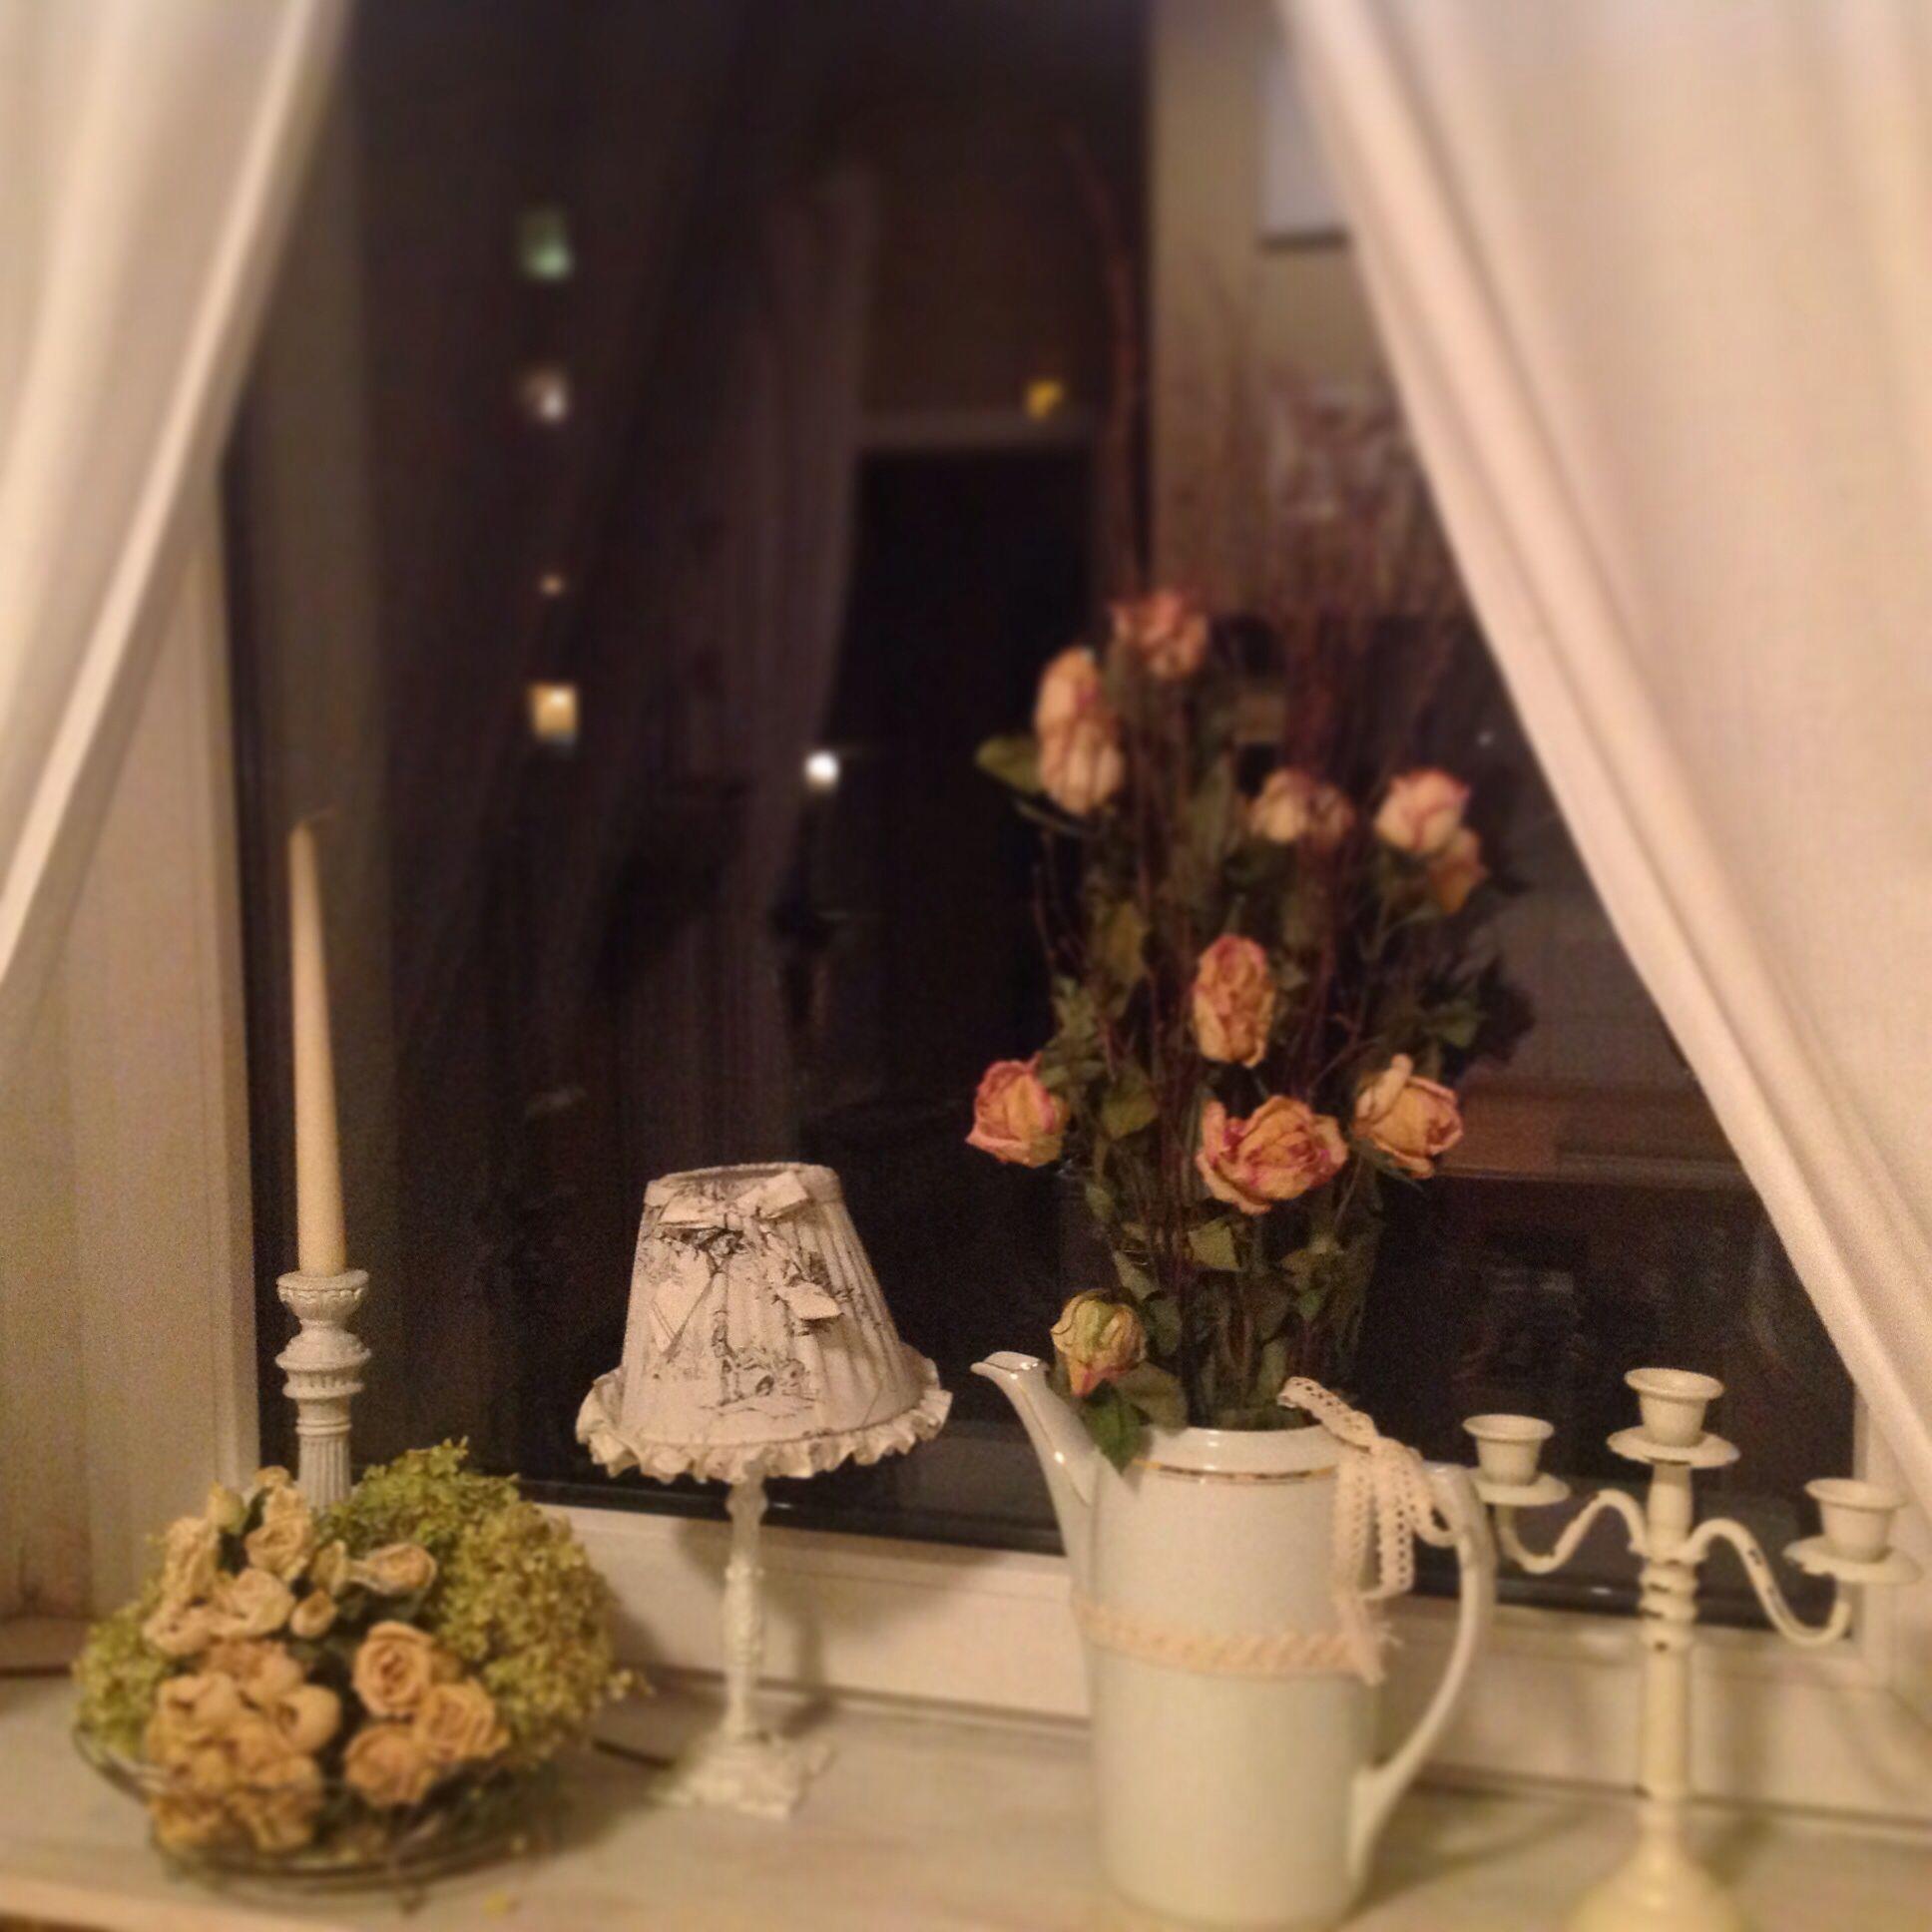 Weihnachtszeit vorbei küchenfenster neu dekorieren